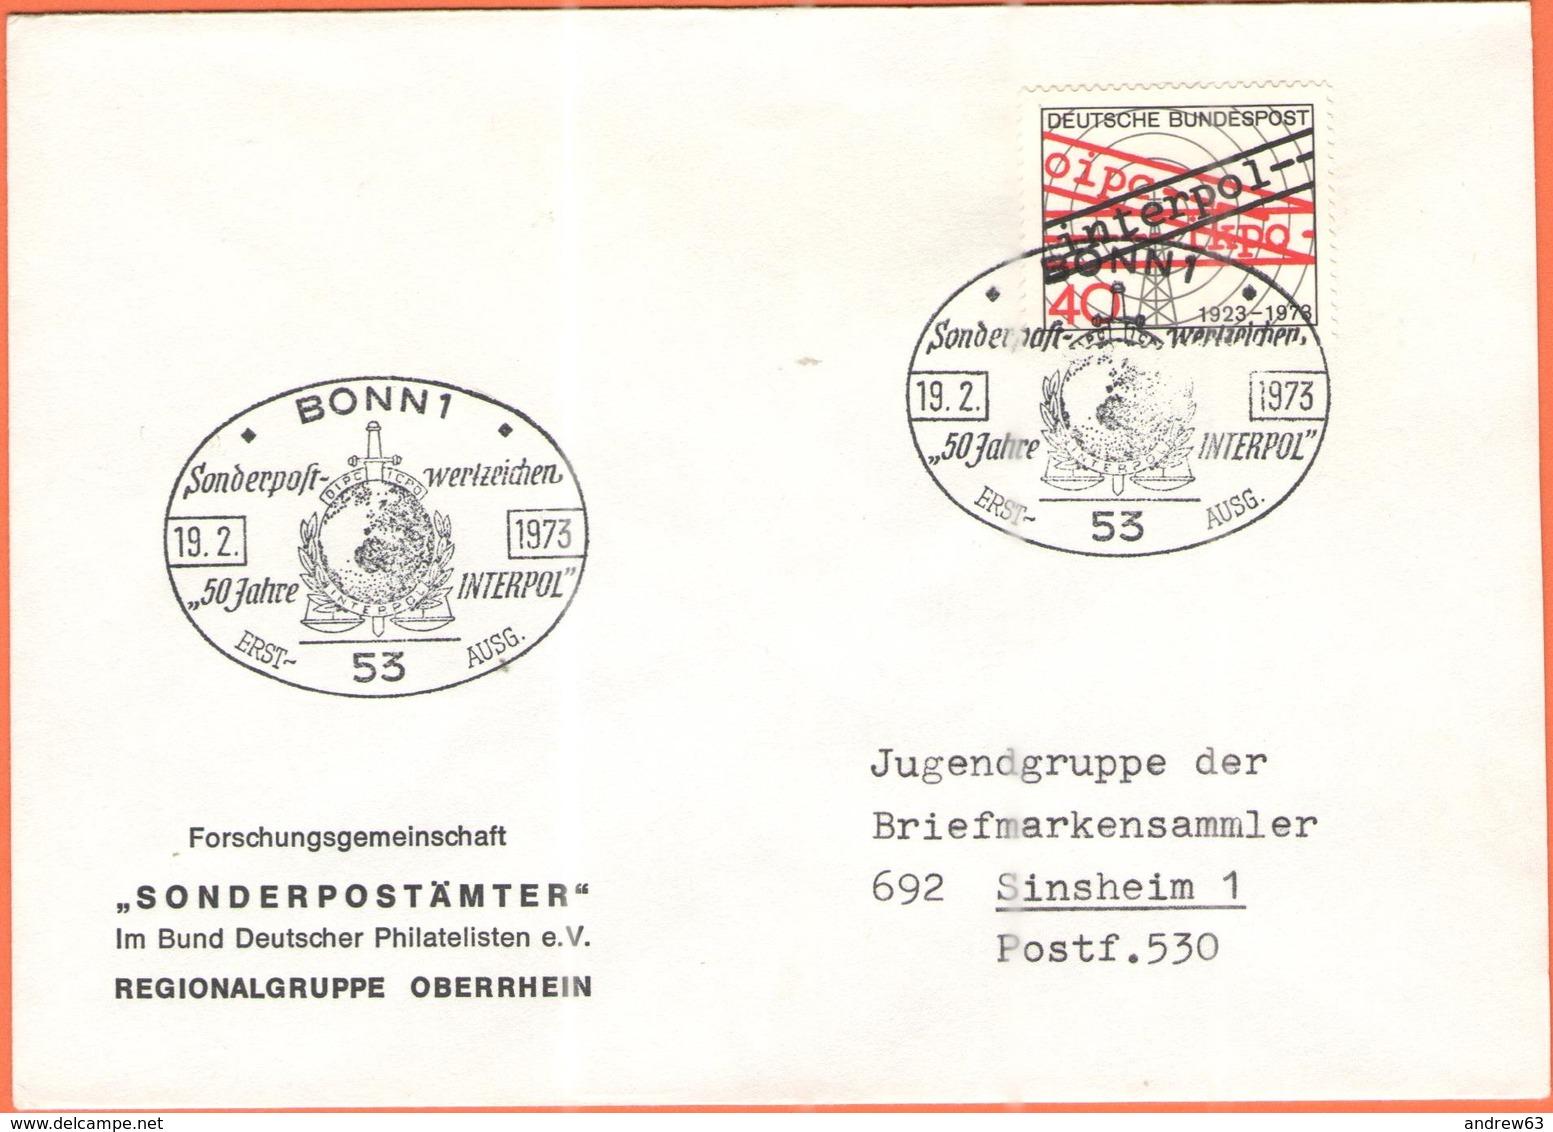 GERMANIA - GERMANY - Deutschland - ALLEMAGNE - 1973 - 50 Jahre Interpol - FDC - Bonn - [7] Repubblica Federale